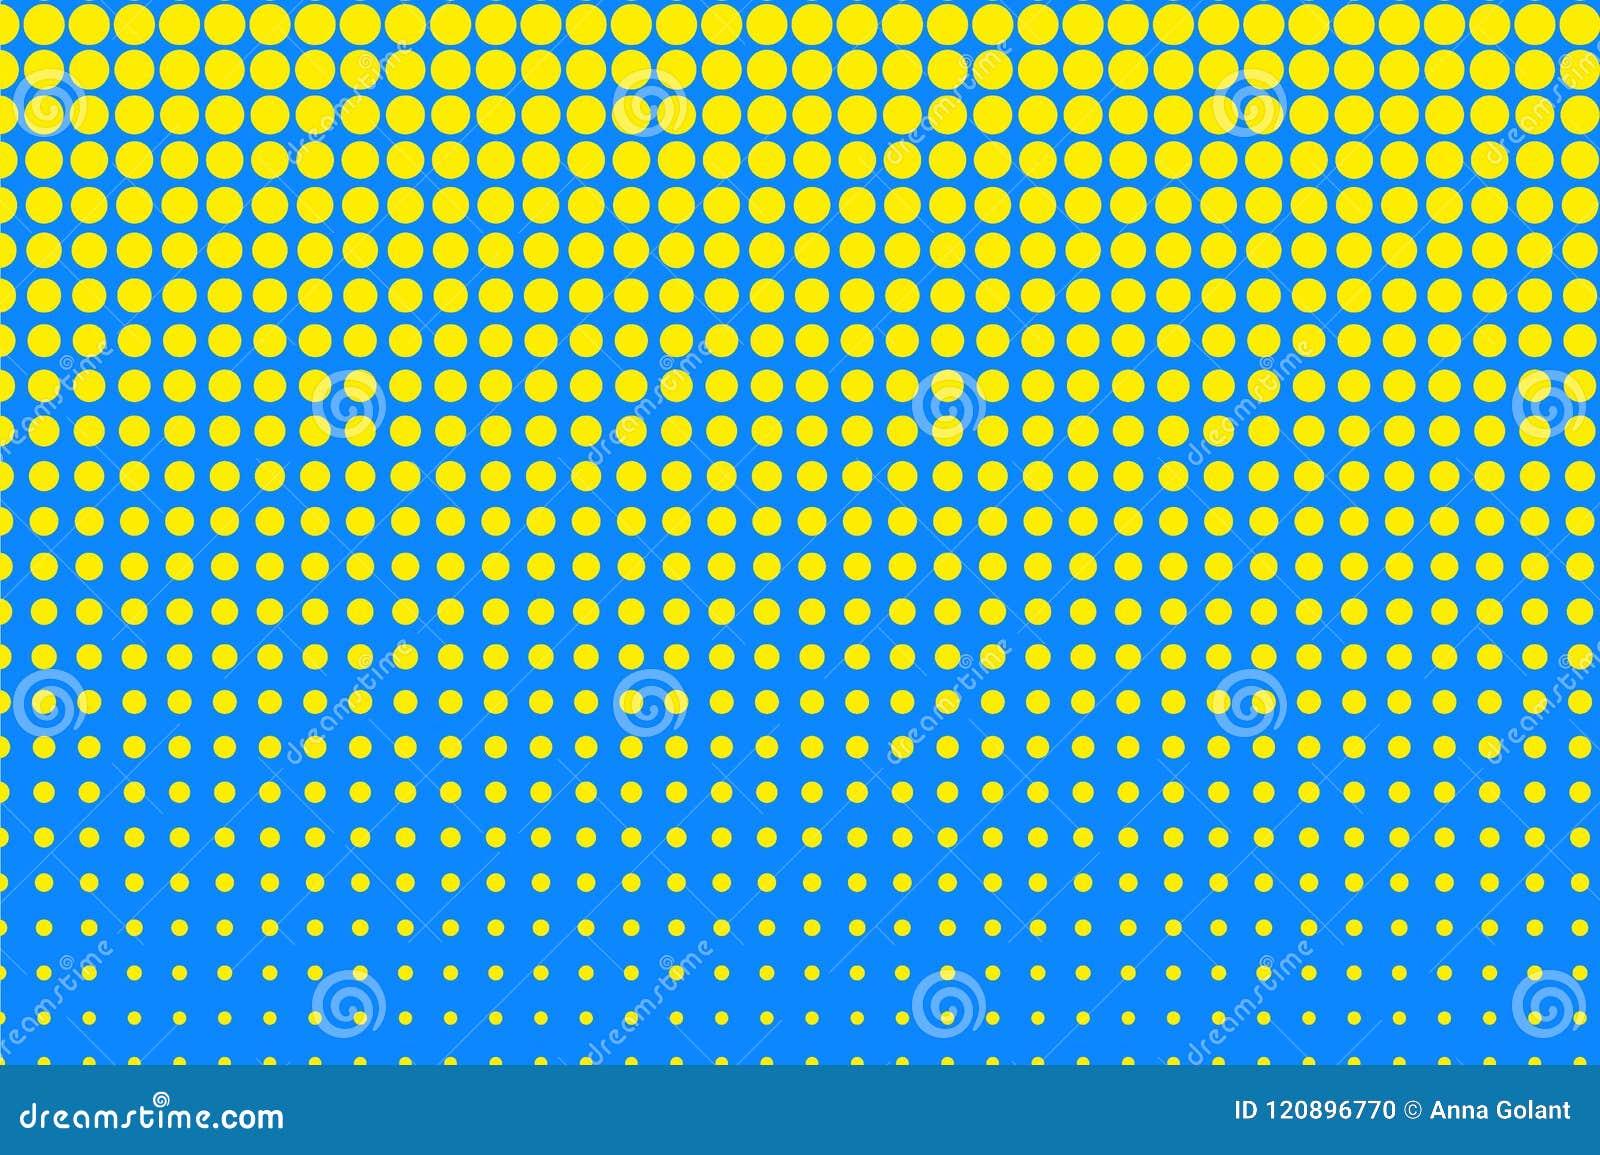 Stip halftone patroon Gele cirkels, punten op blauwe achtergrond Vector illustratie